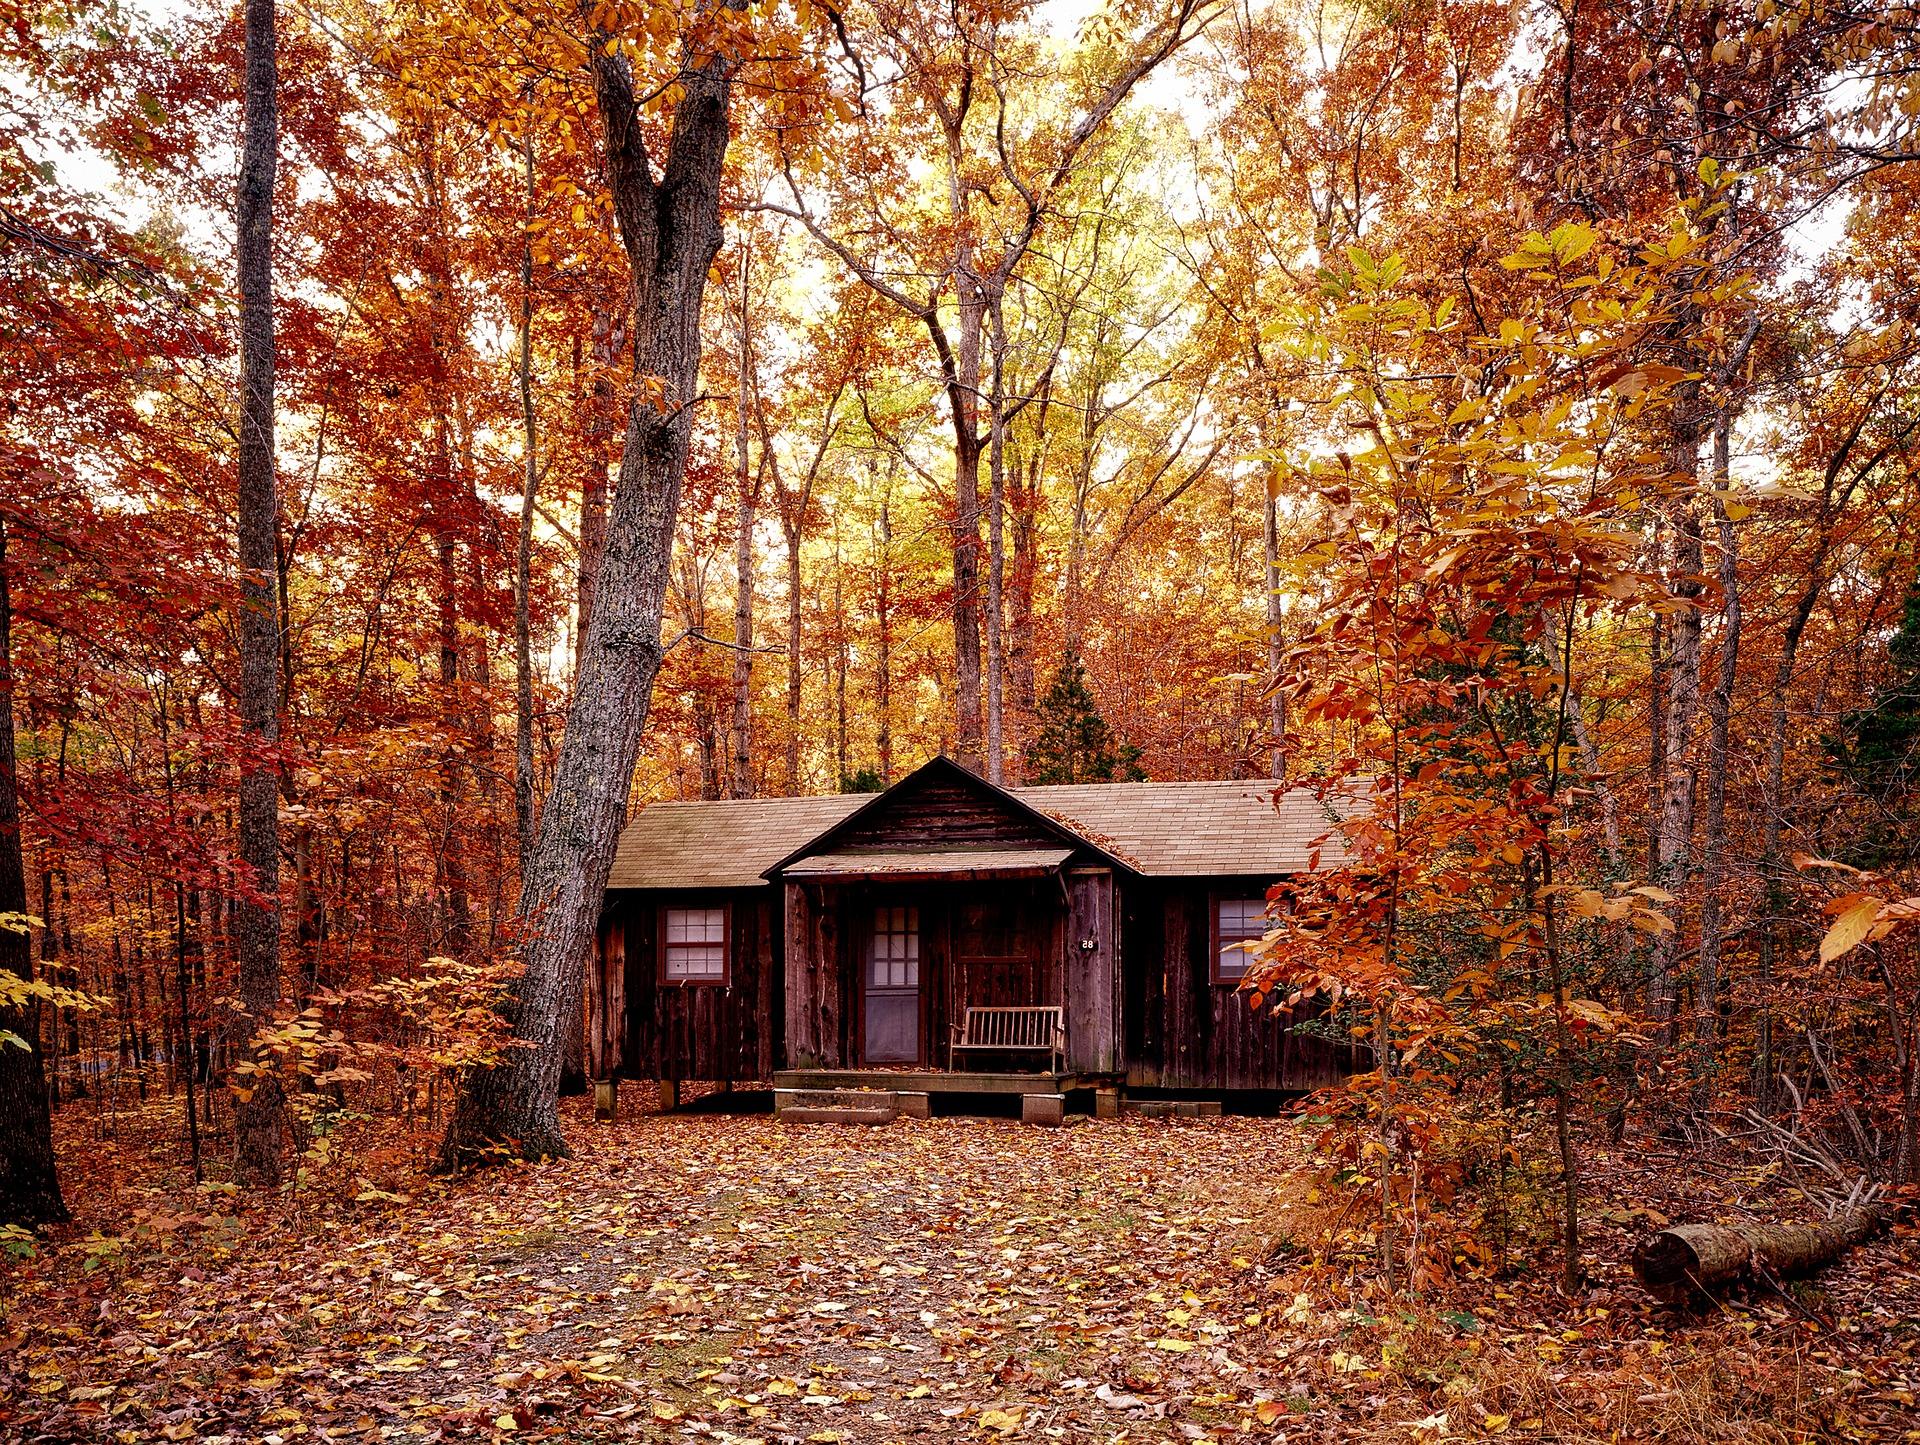 autumn-1740686_1920